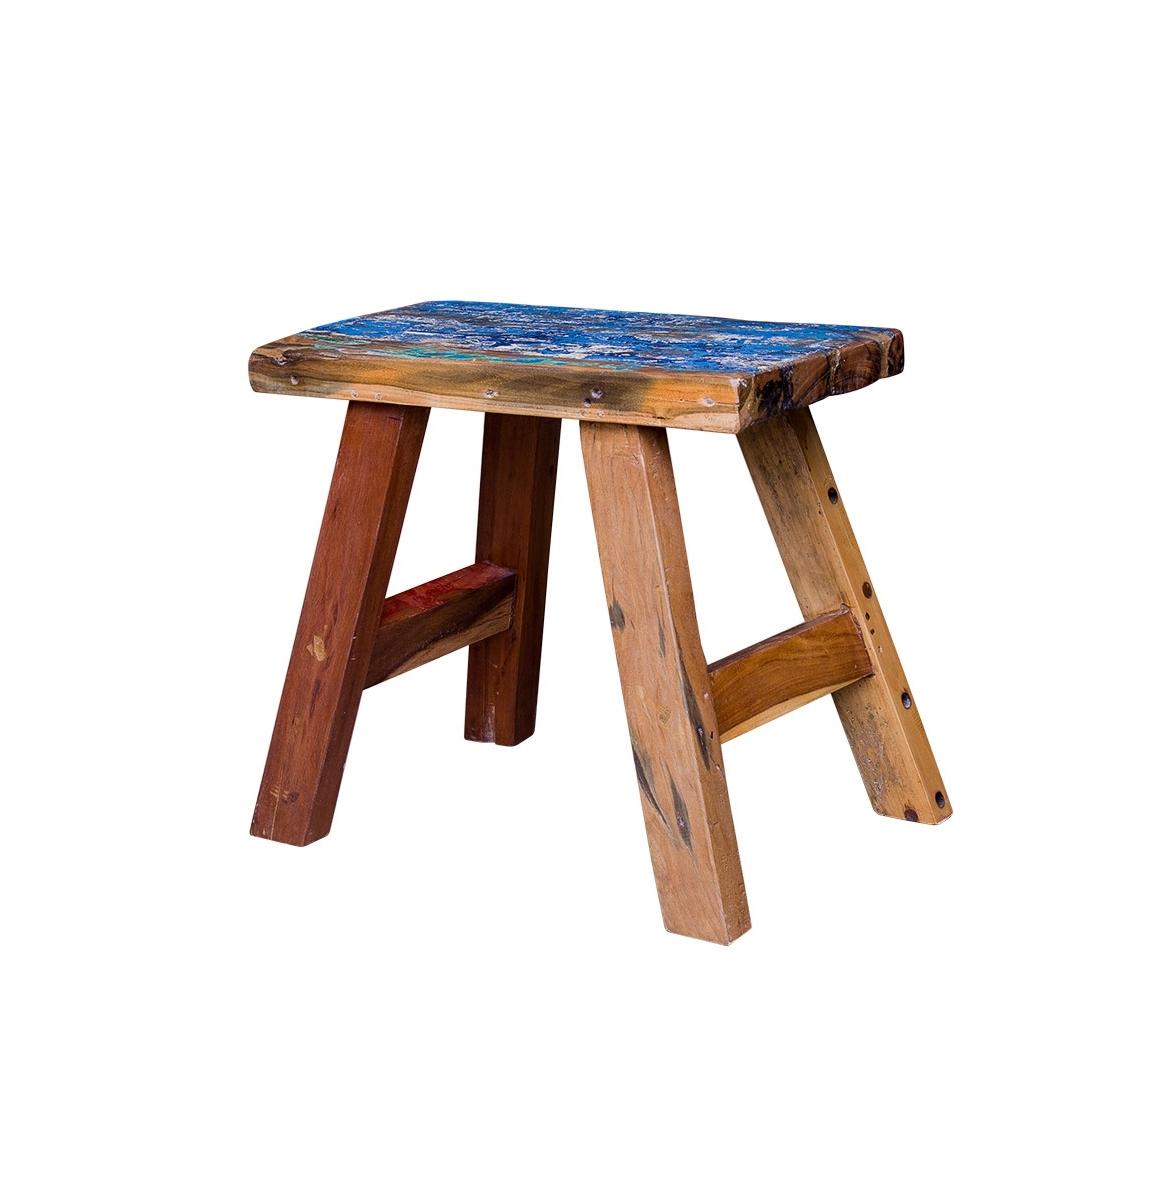 Скамья СахаровСкамейки<br>&amp;lt;div&amp;gt;Скамья, выполненная из массива древесины старого рыбацкого судна, такой как: тик, махогон, суар, с сохранением оригинальной многослойной окраски.&amp;lt;/div&amp;gt;&amp;lt;div&amp;gt;&amp;lt;br&amp;gt;&amp;lt;/div&amp;gt;&amp;lt;div&amp;gt;Компактный размер делает ее идеальной для небольших пространств.&amp;lt;/div&amp;gt;&amp;lt;div&amp;gt;Подходит для использования как внутри помещения, так и снаружи.&amp;lt;/div&amp;gt;<br><br>Material: Тик<br>Width см: 45<br>Depth см: 30<br>Height см: 50